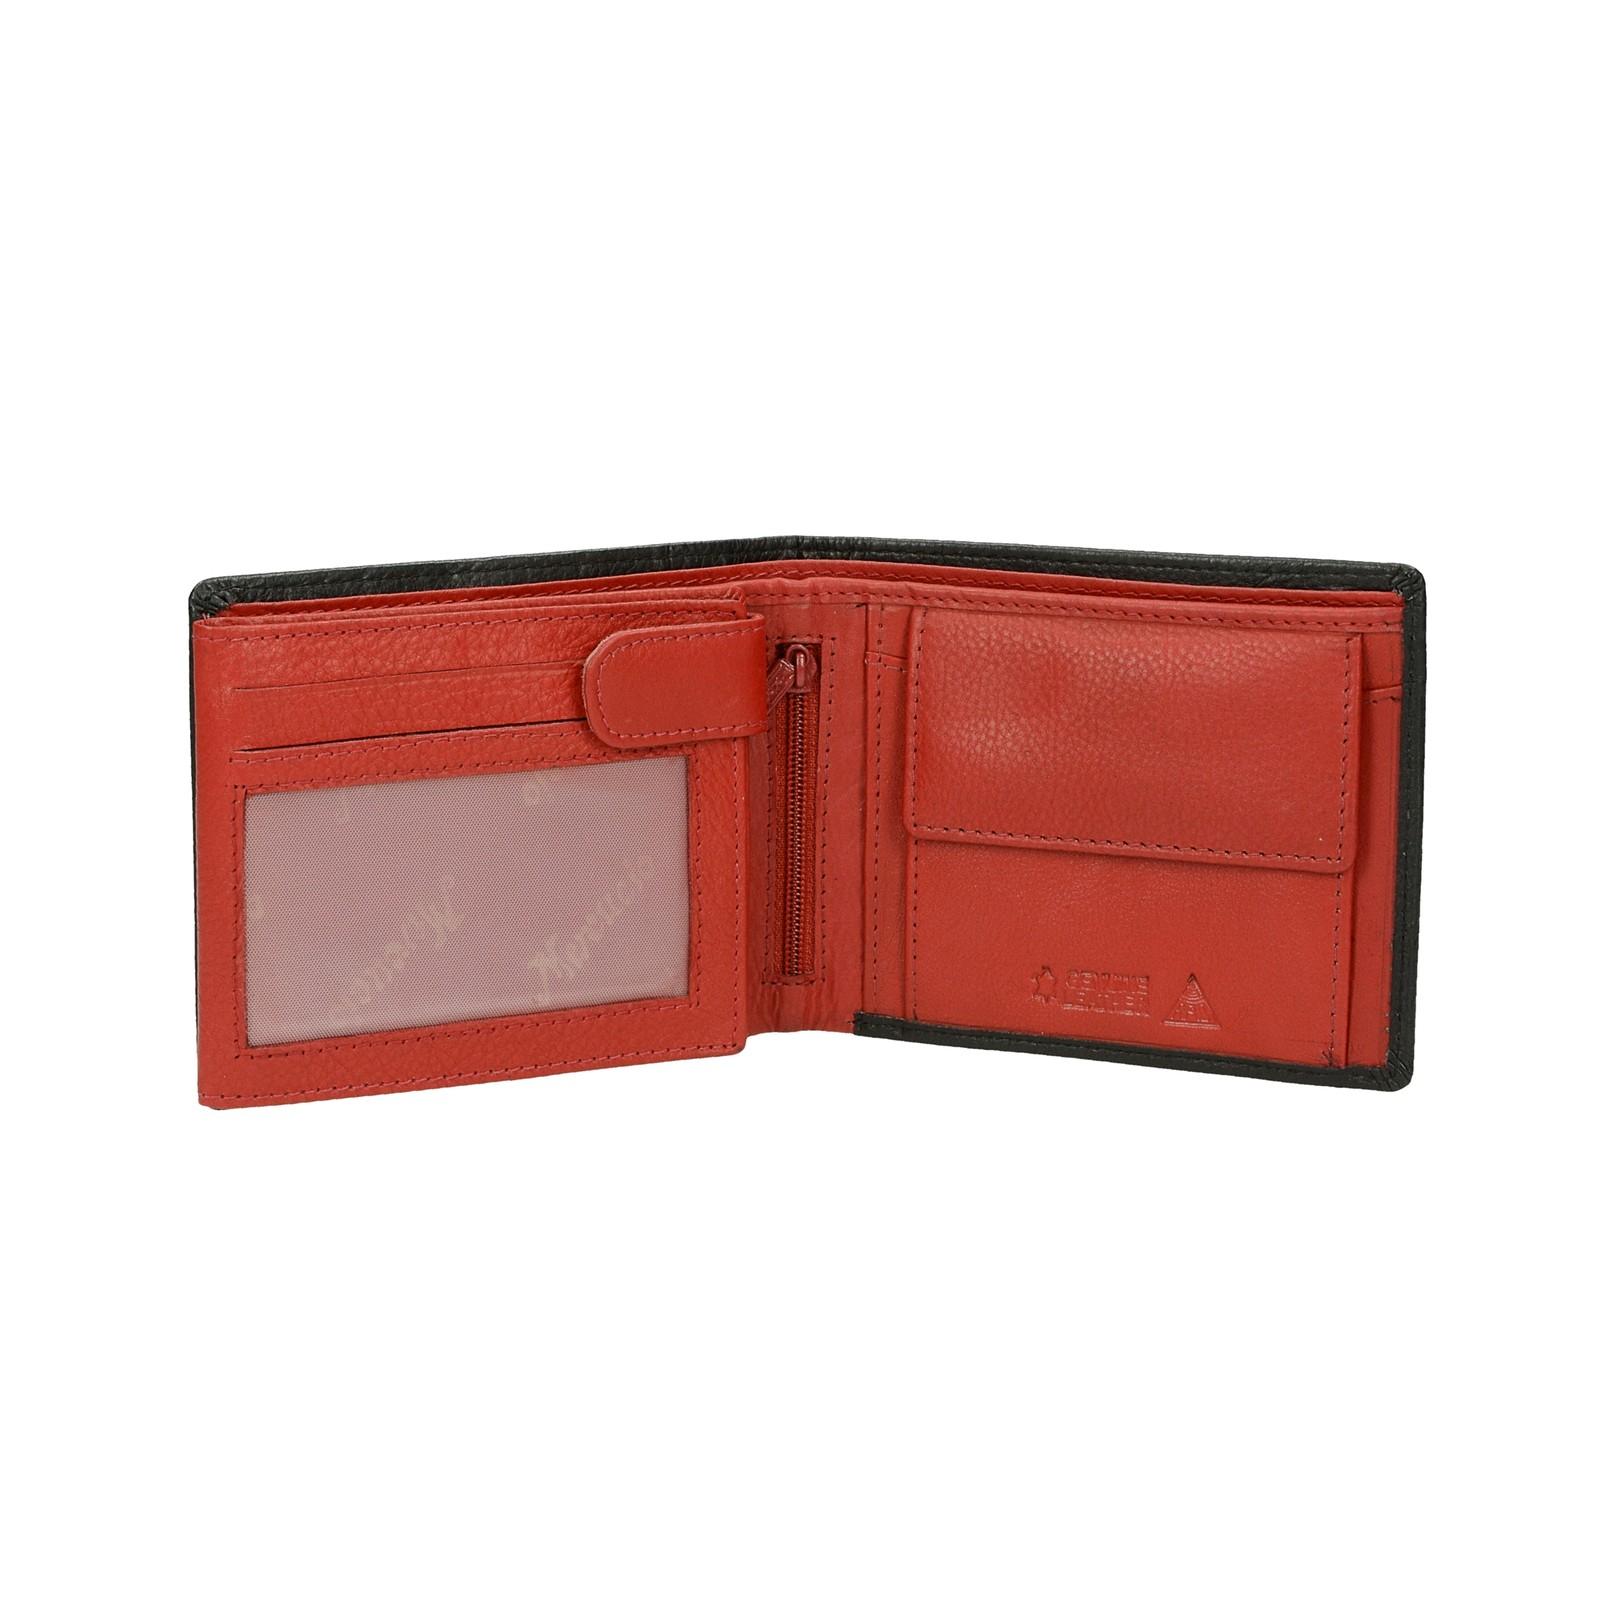 ... Mercucio pánska kožená peňaženka - čiernočervená ... e47ab031cb4